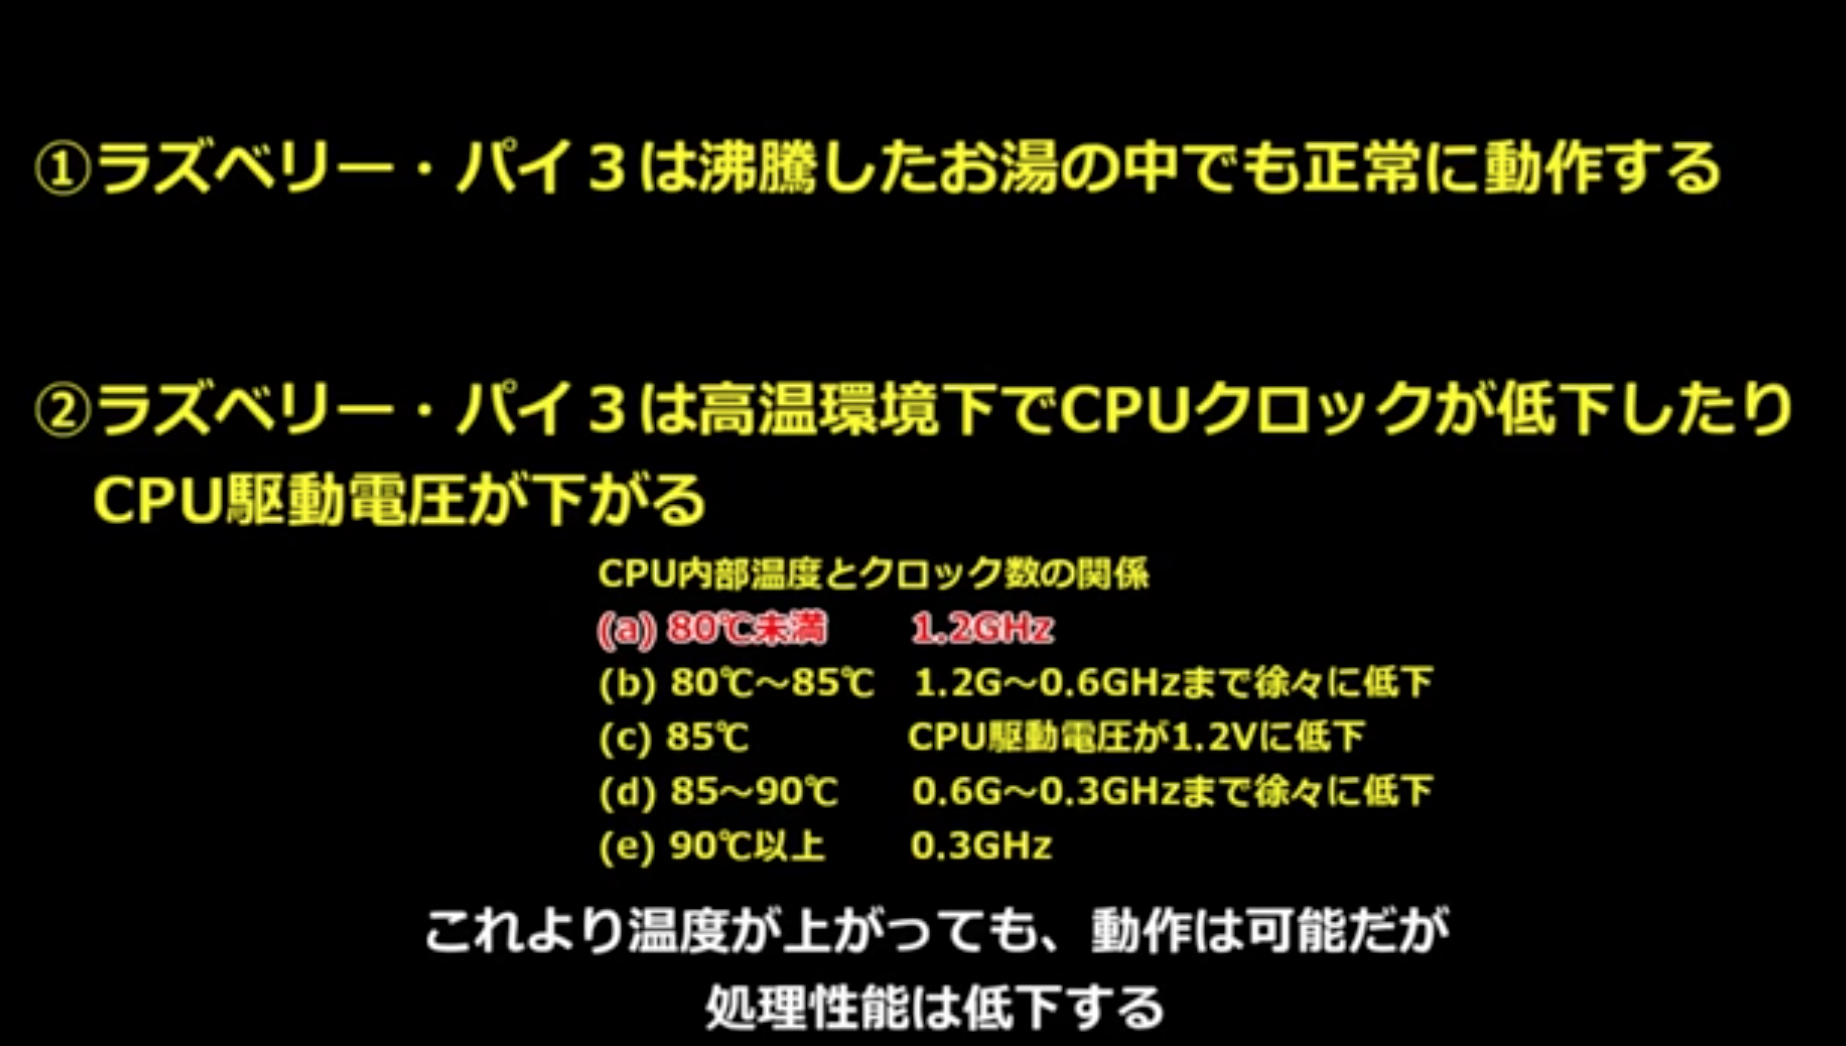 スクリーンショット 2018-03-16 20.49.32